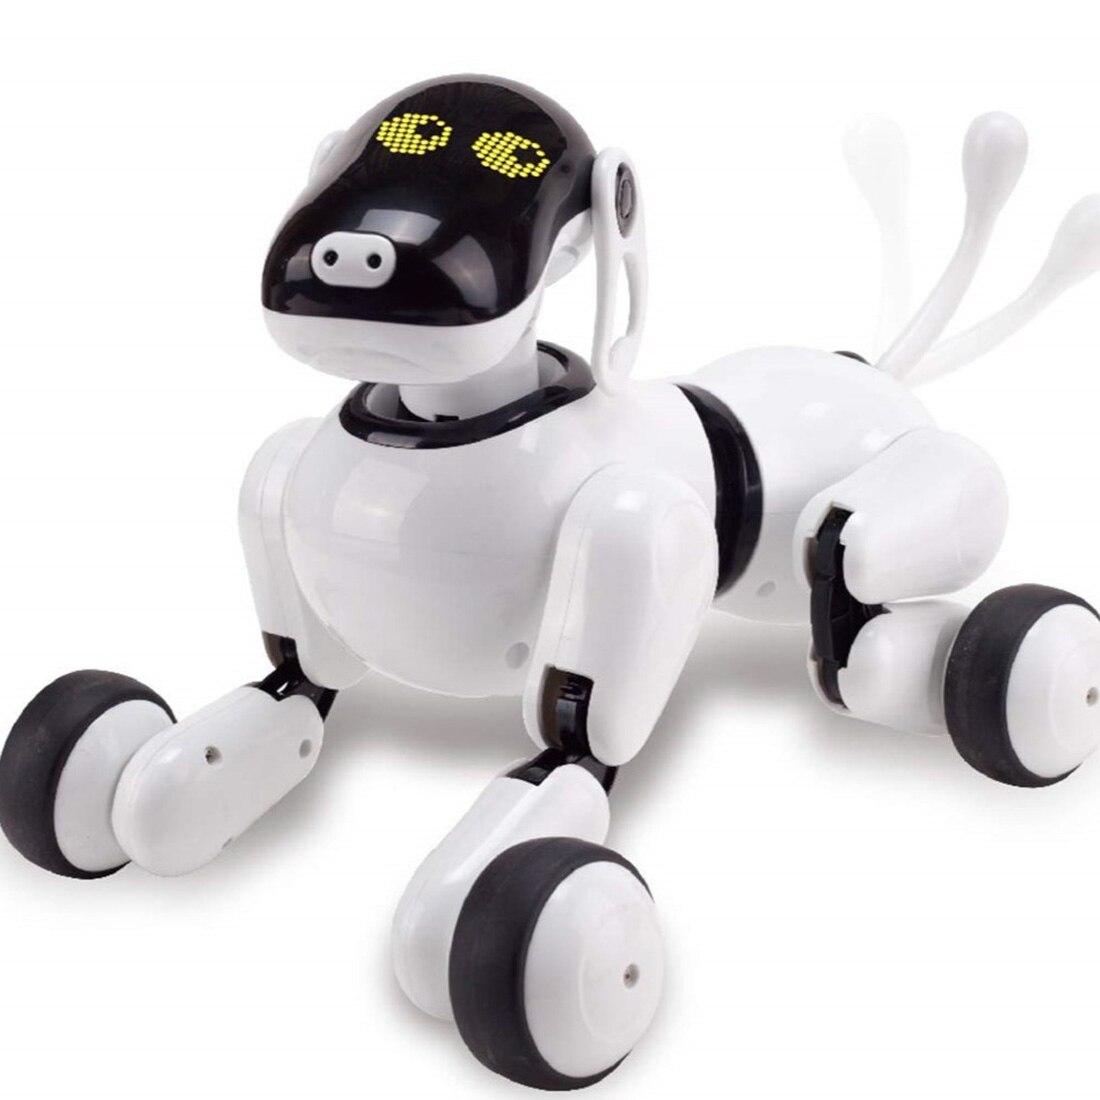 Nouveau Enfants Pet Robot Jouet Pour Chien Avec Itération/Danse/Chant/Contrôle de Reconnaissance Vocale/Tactile Sensible/ actions-Blanc